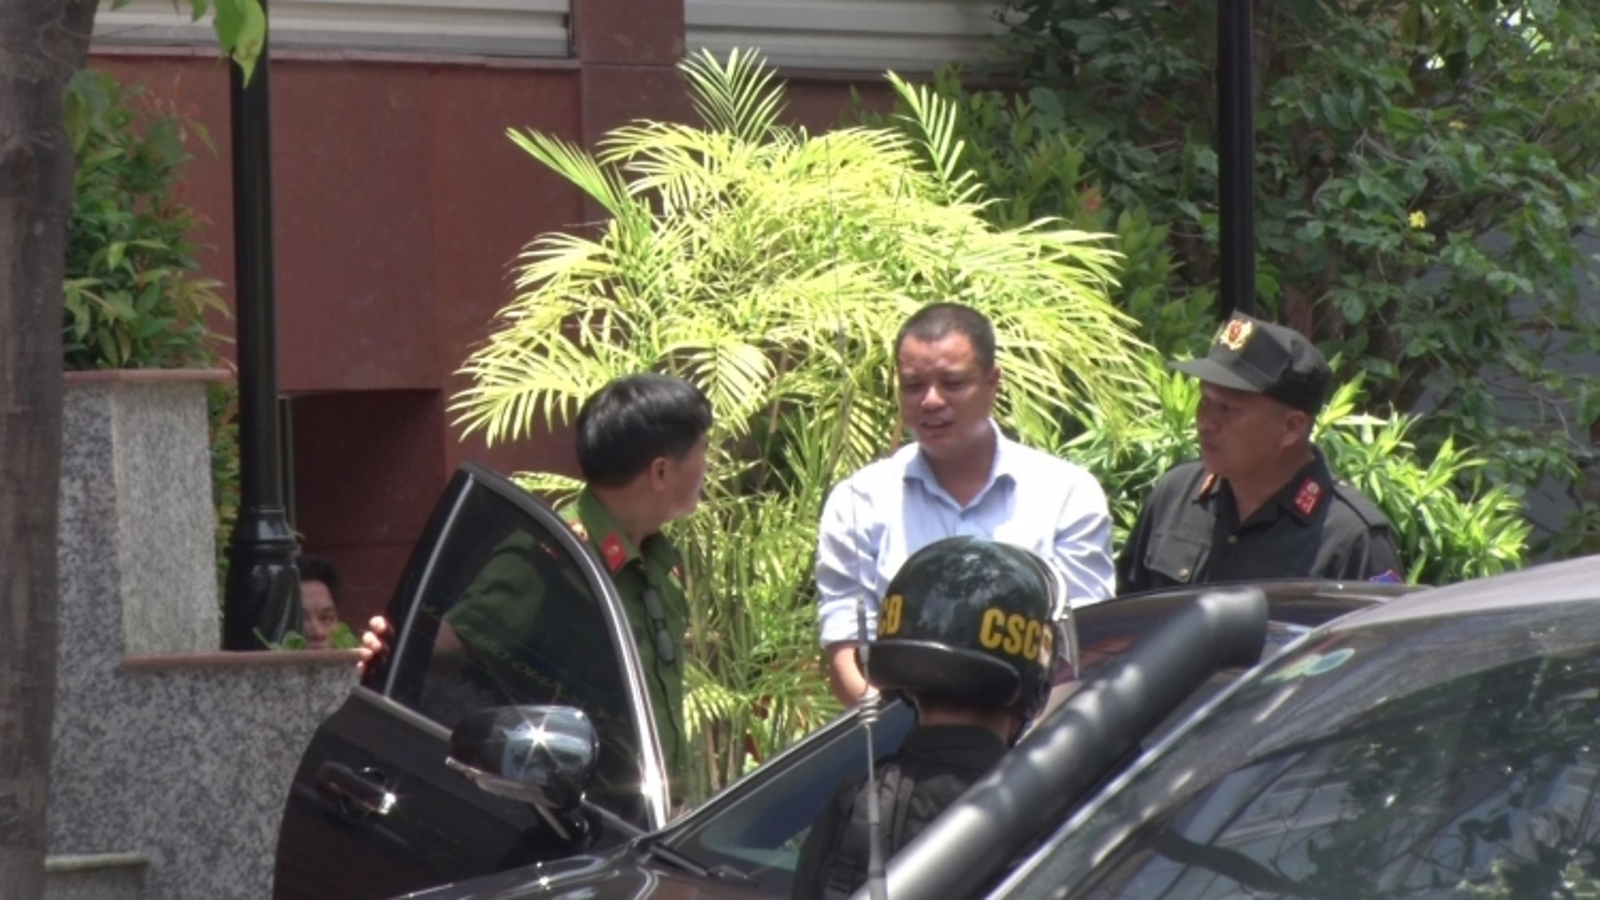 Nóng 24h: Giám đốc Công ty Xăng dầu Long An bị bắt liên quan vụ xăng giả